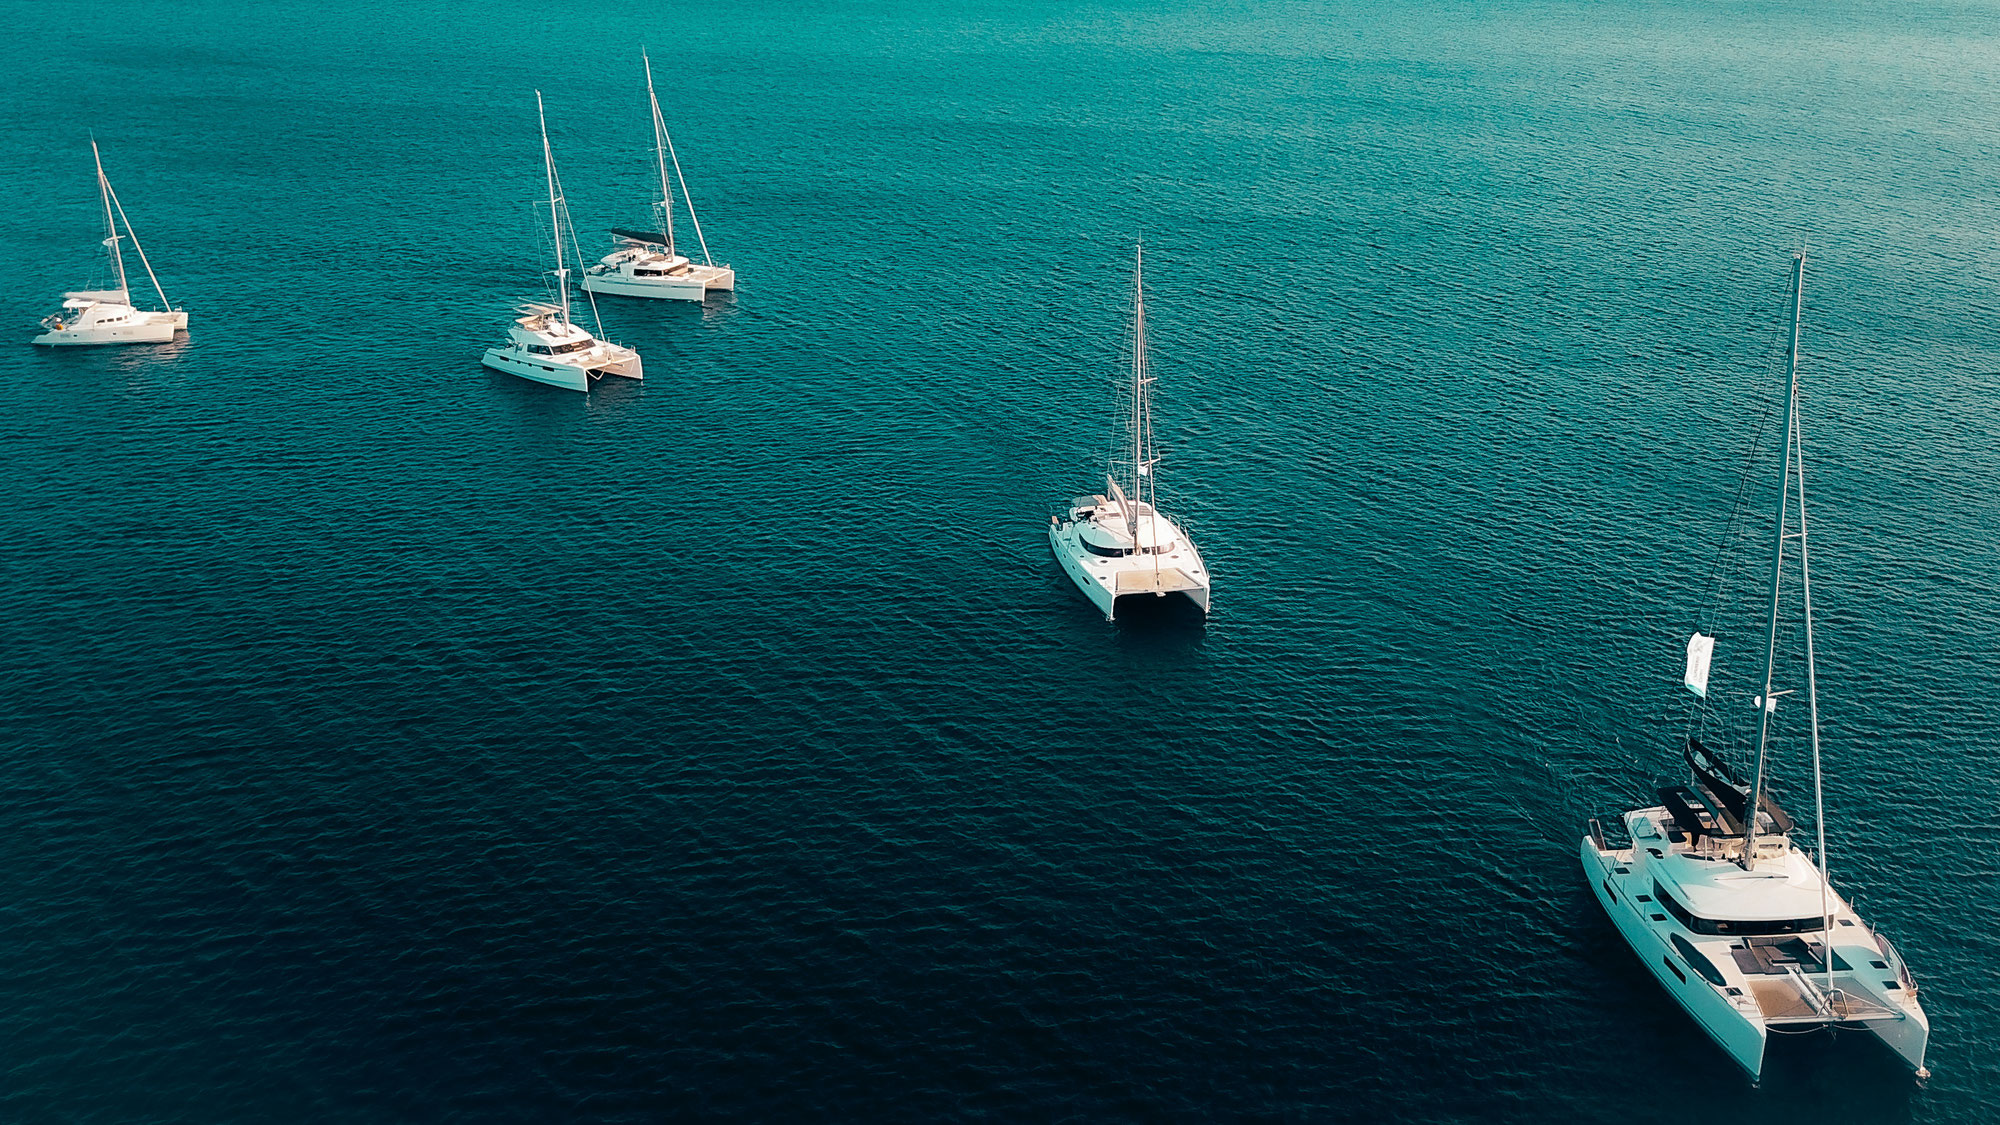 Boat Shows vs. Digital Marketing